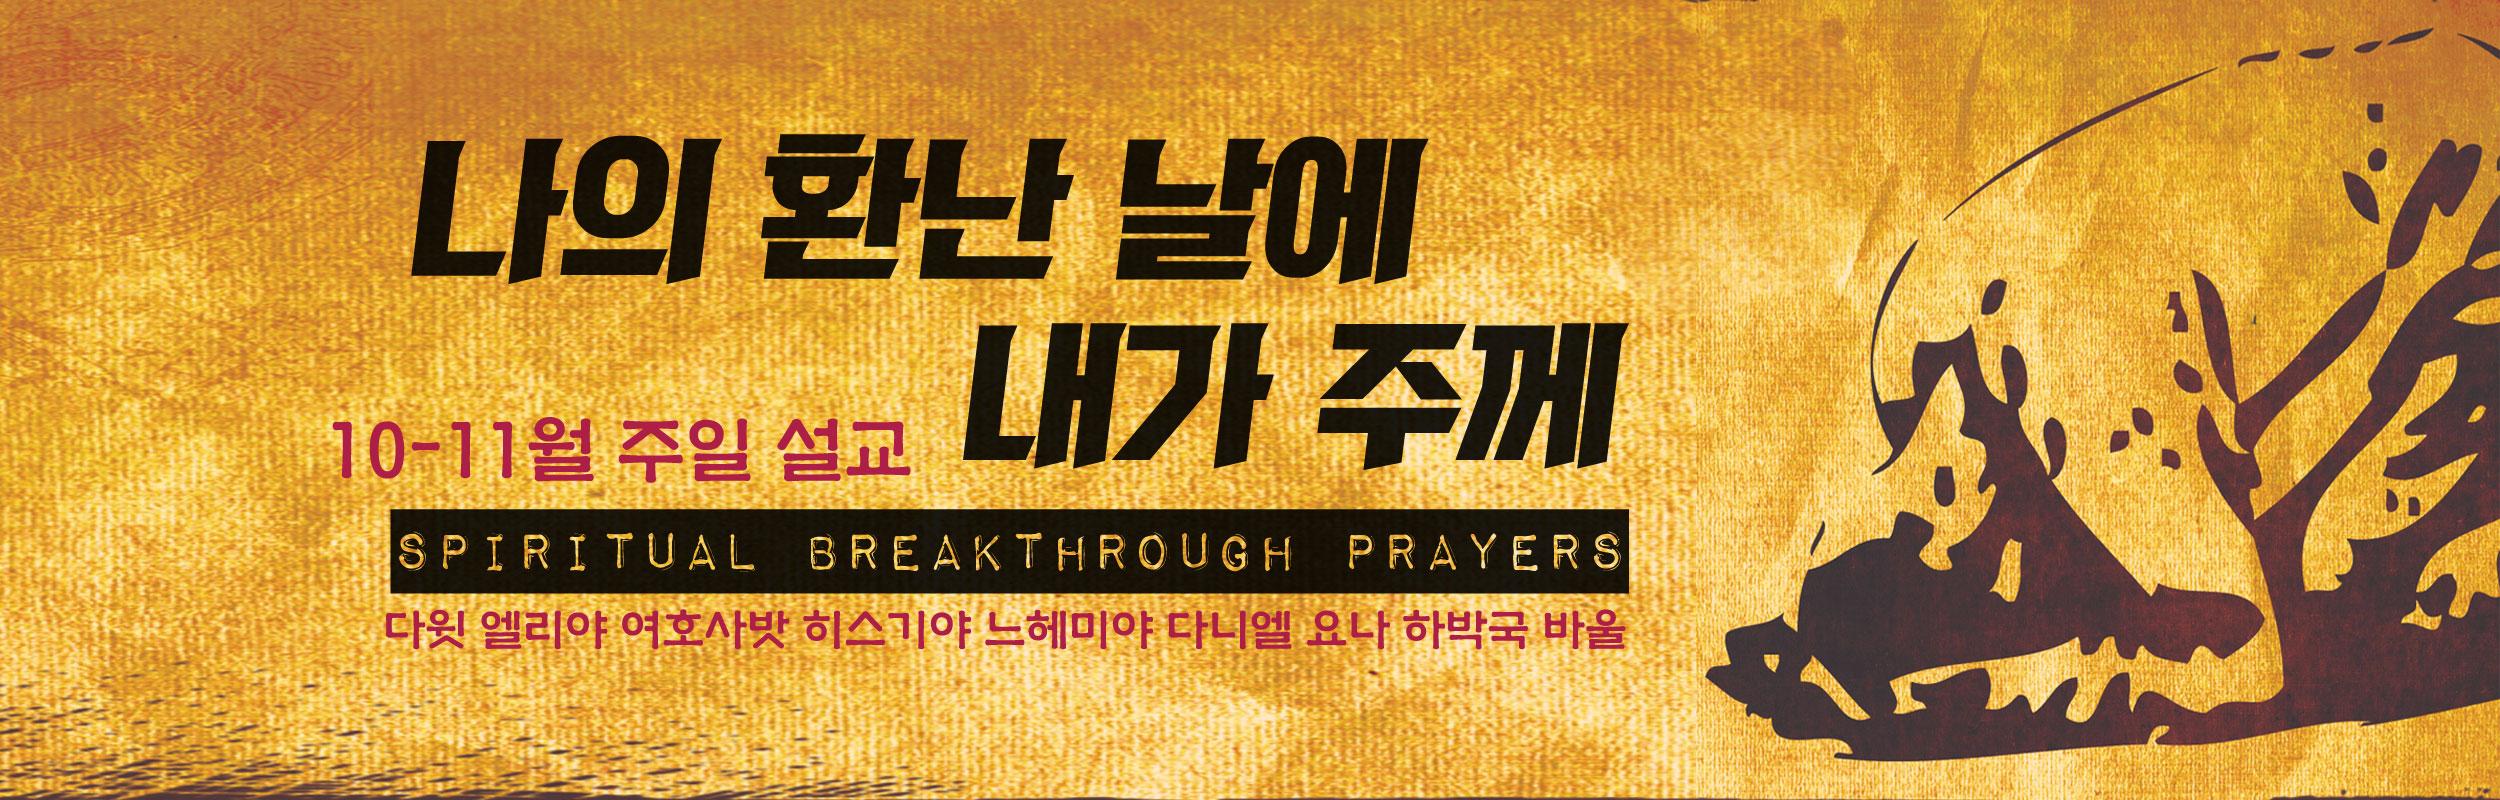 10-11월 주일 설교